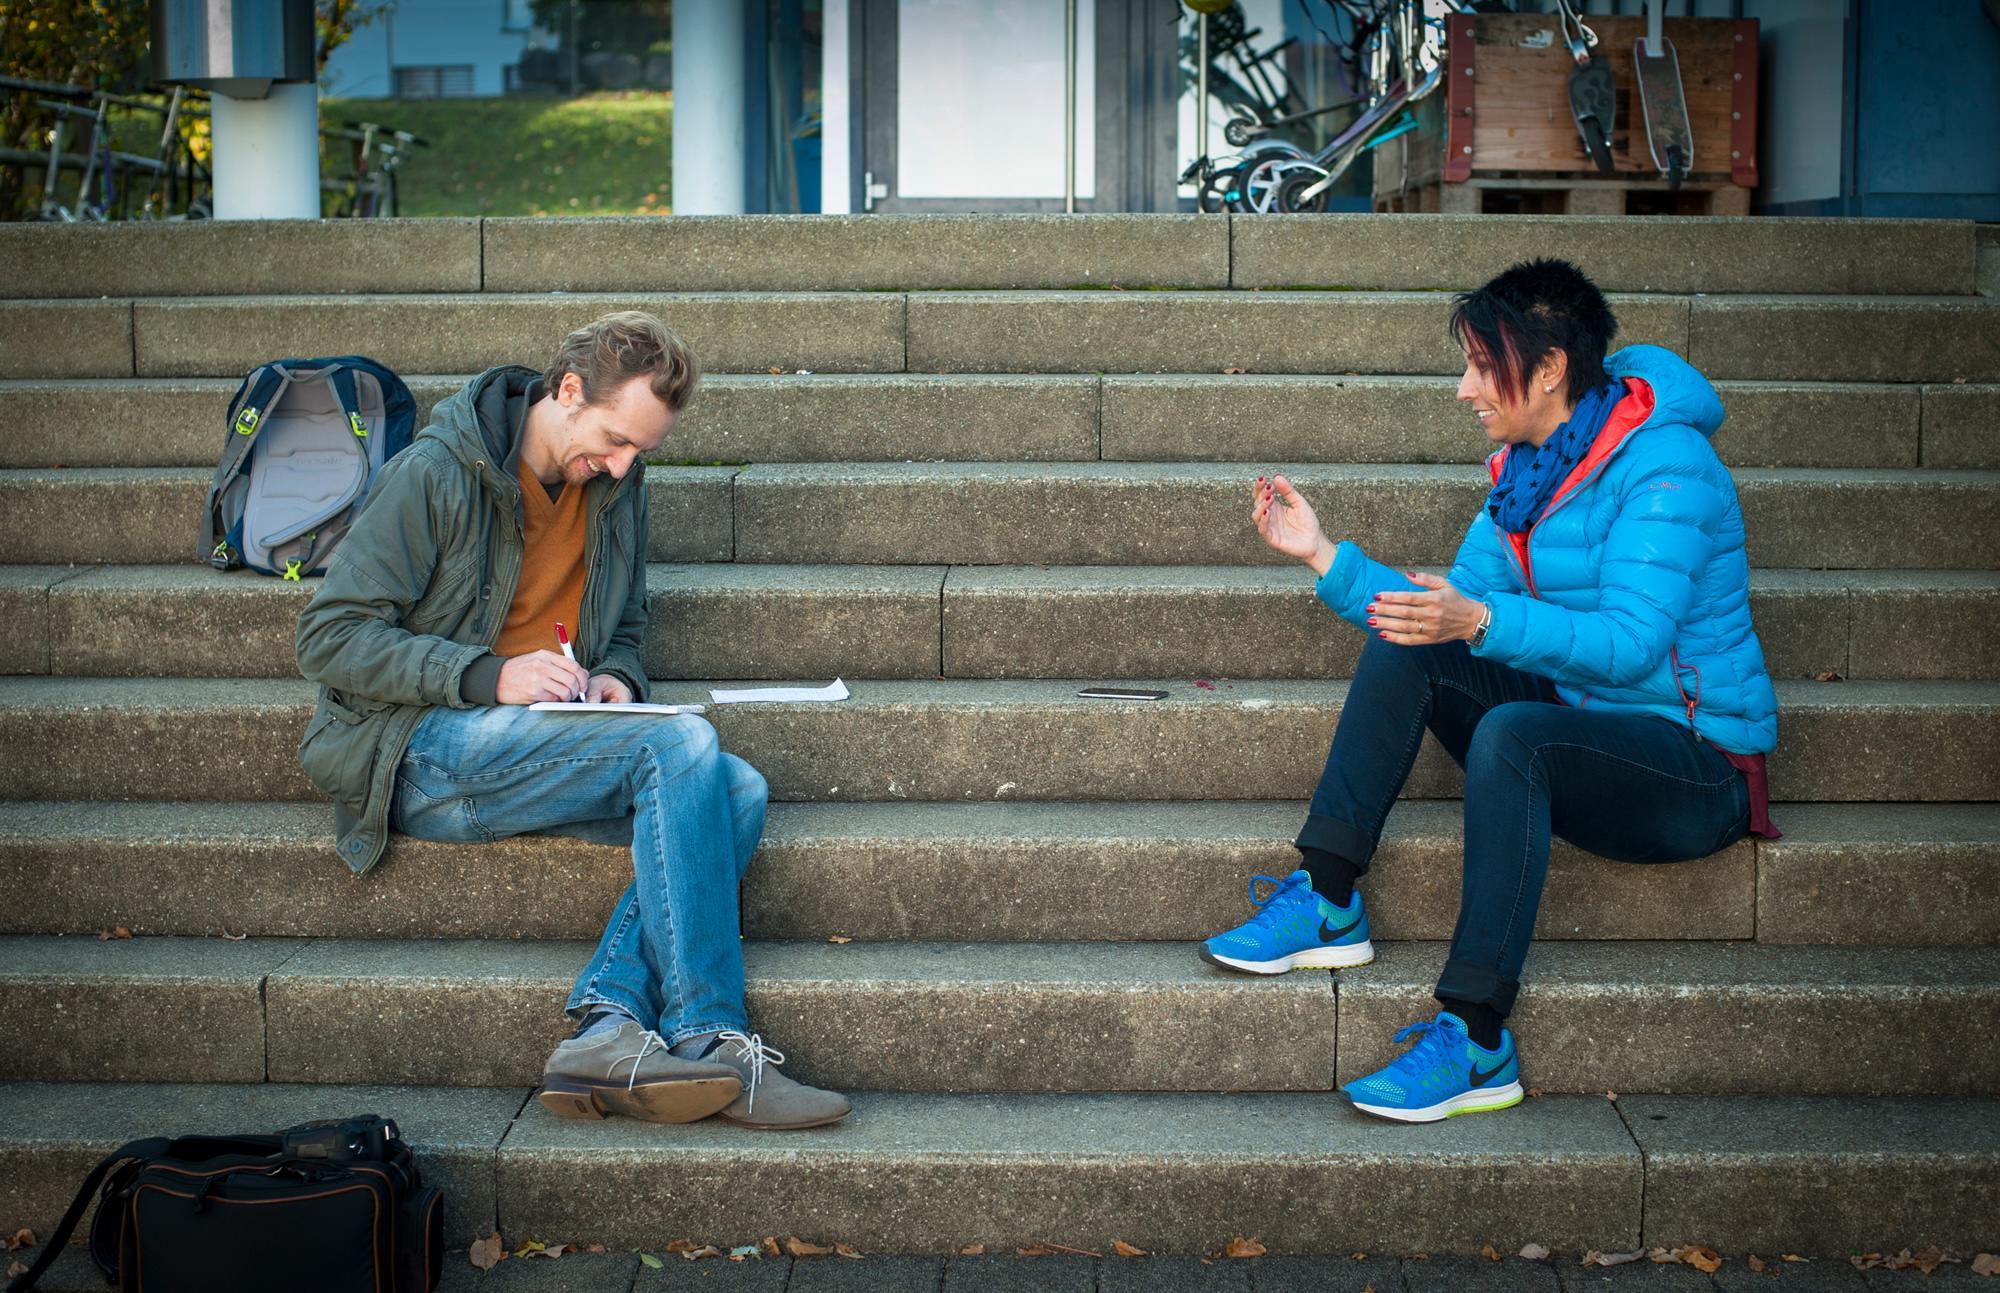 Pressetermin vor dem Schulhaus in Bubendorf: «Von mir aus können wir uns gerne auf die Treppe setzen, ich bin mir Baustellen gewohnt», sagt Sollberger.